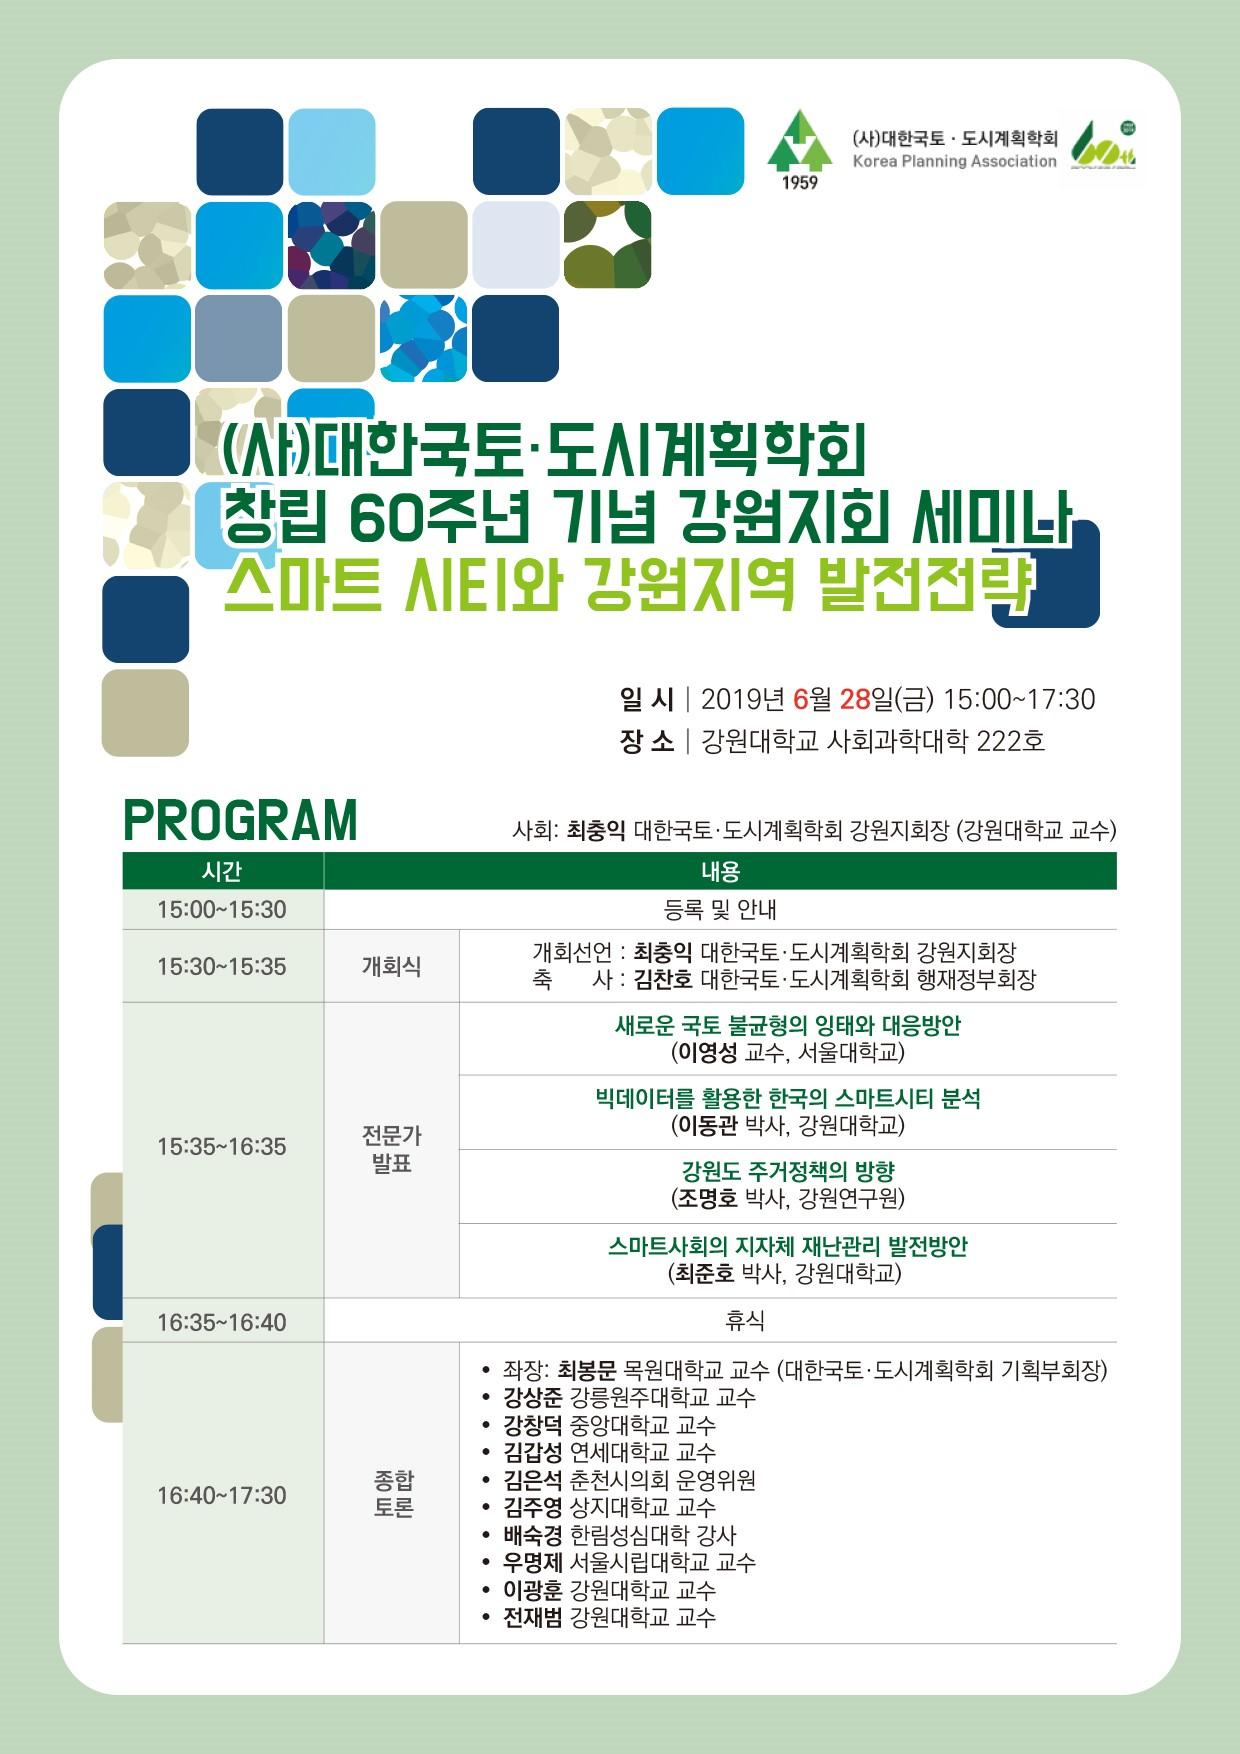 [대한국토도시계획학회 강원지회] 학회 창립60주년기념 강원지회 세미나 개최